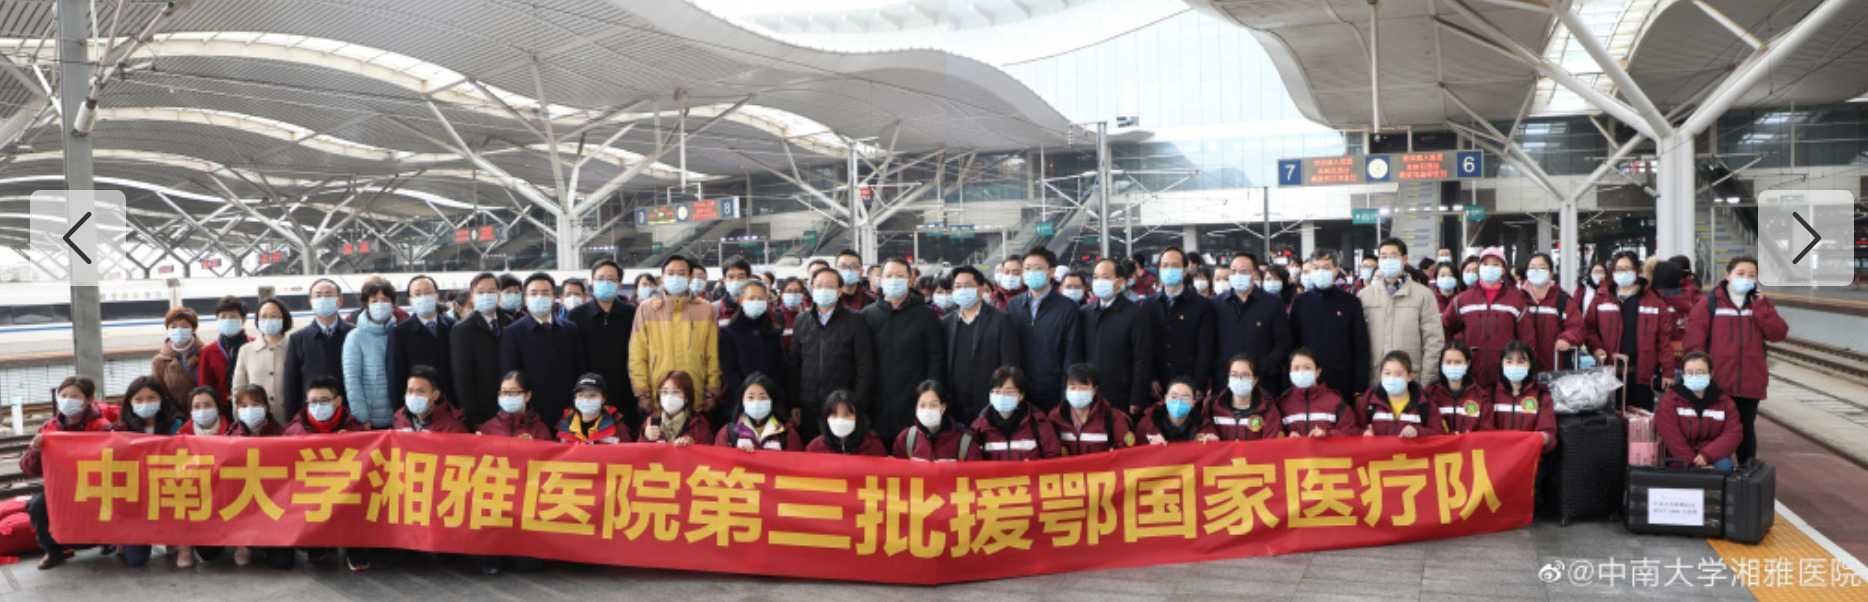 中南大学湘雅医院医疗队